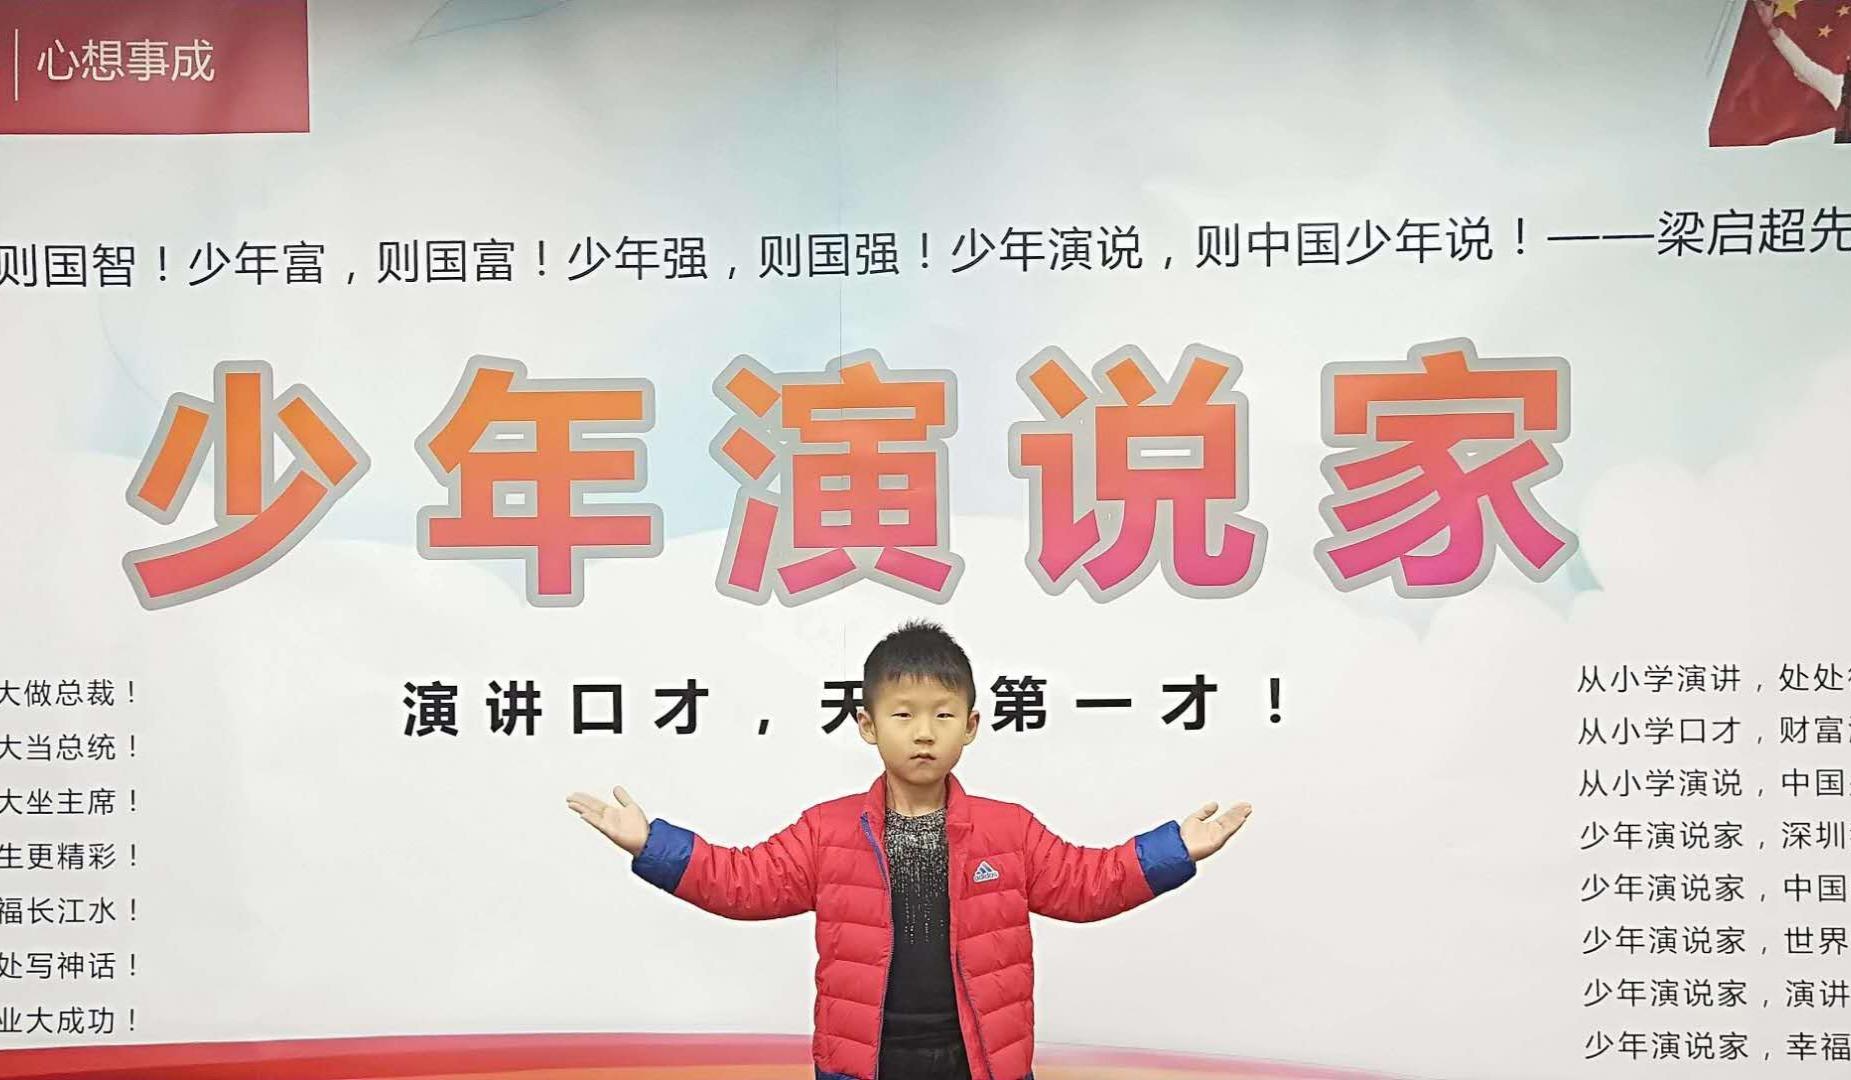 深圳暑假《全国少年演说家109期(深圳)特训营》7月20—26日